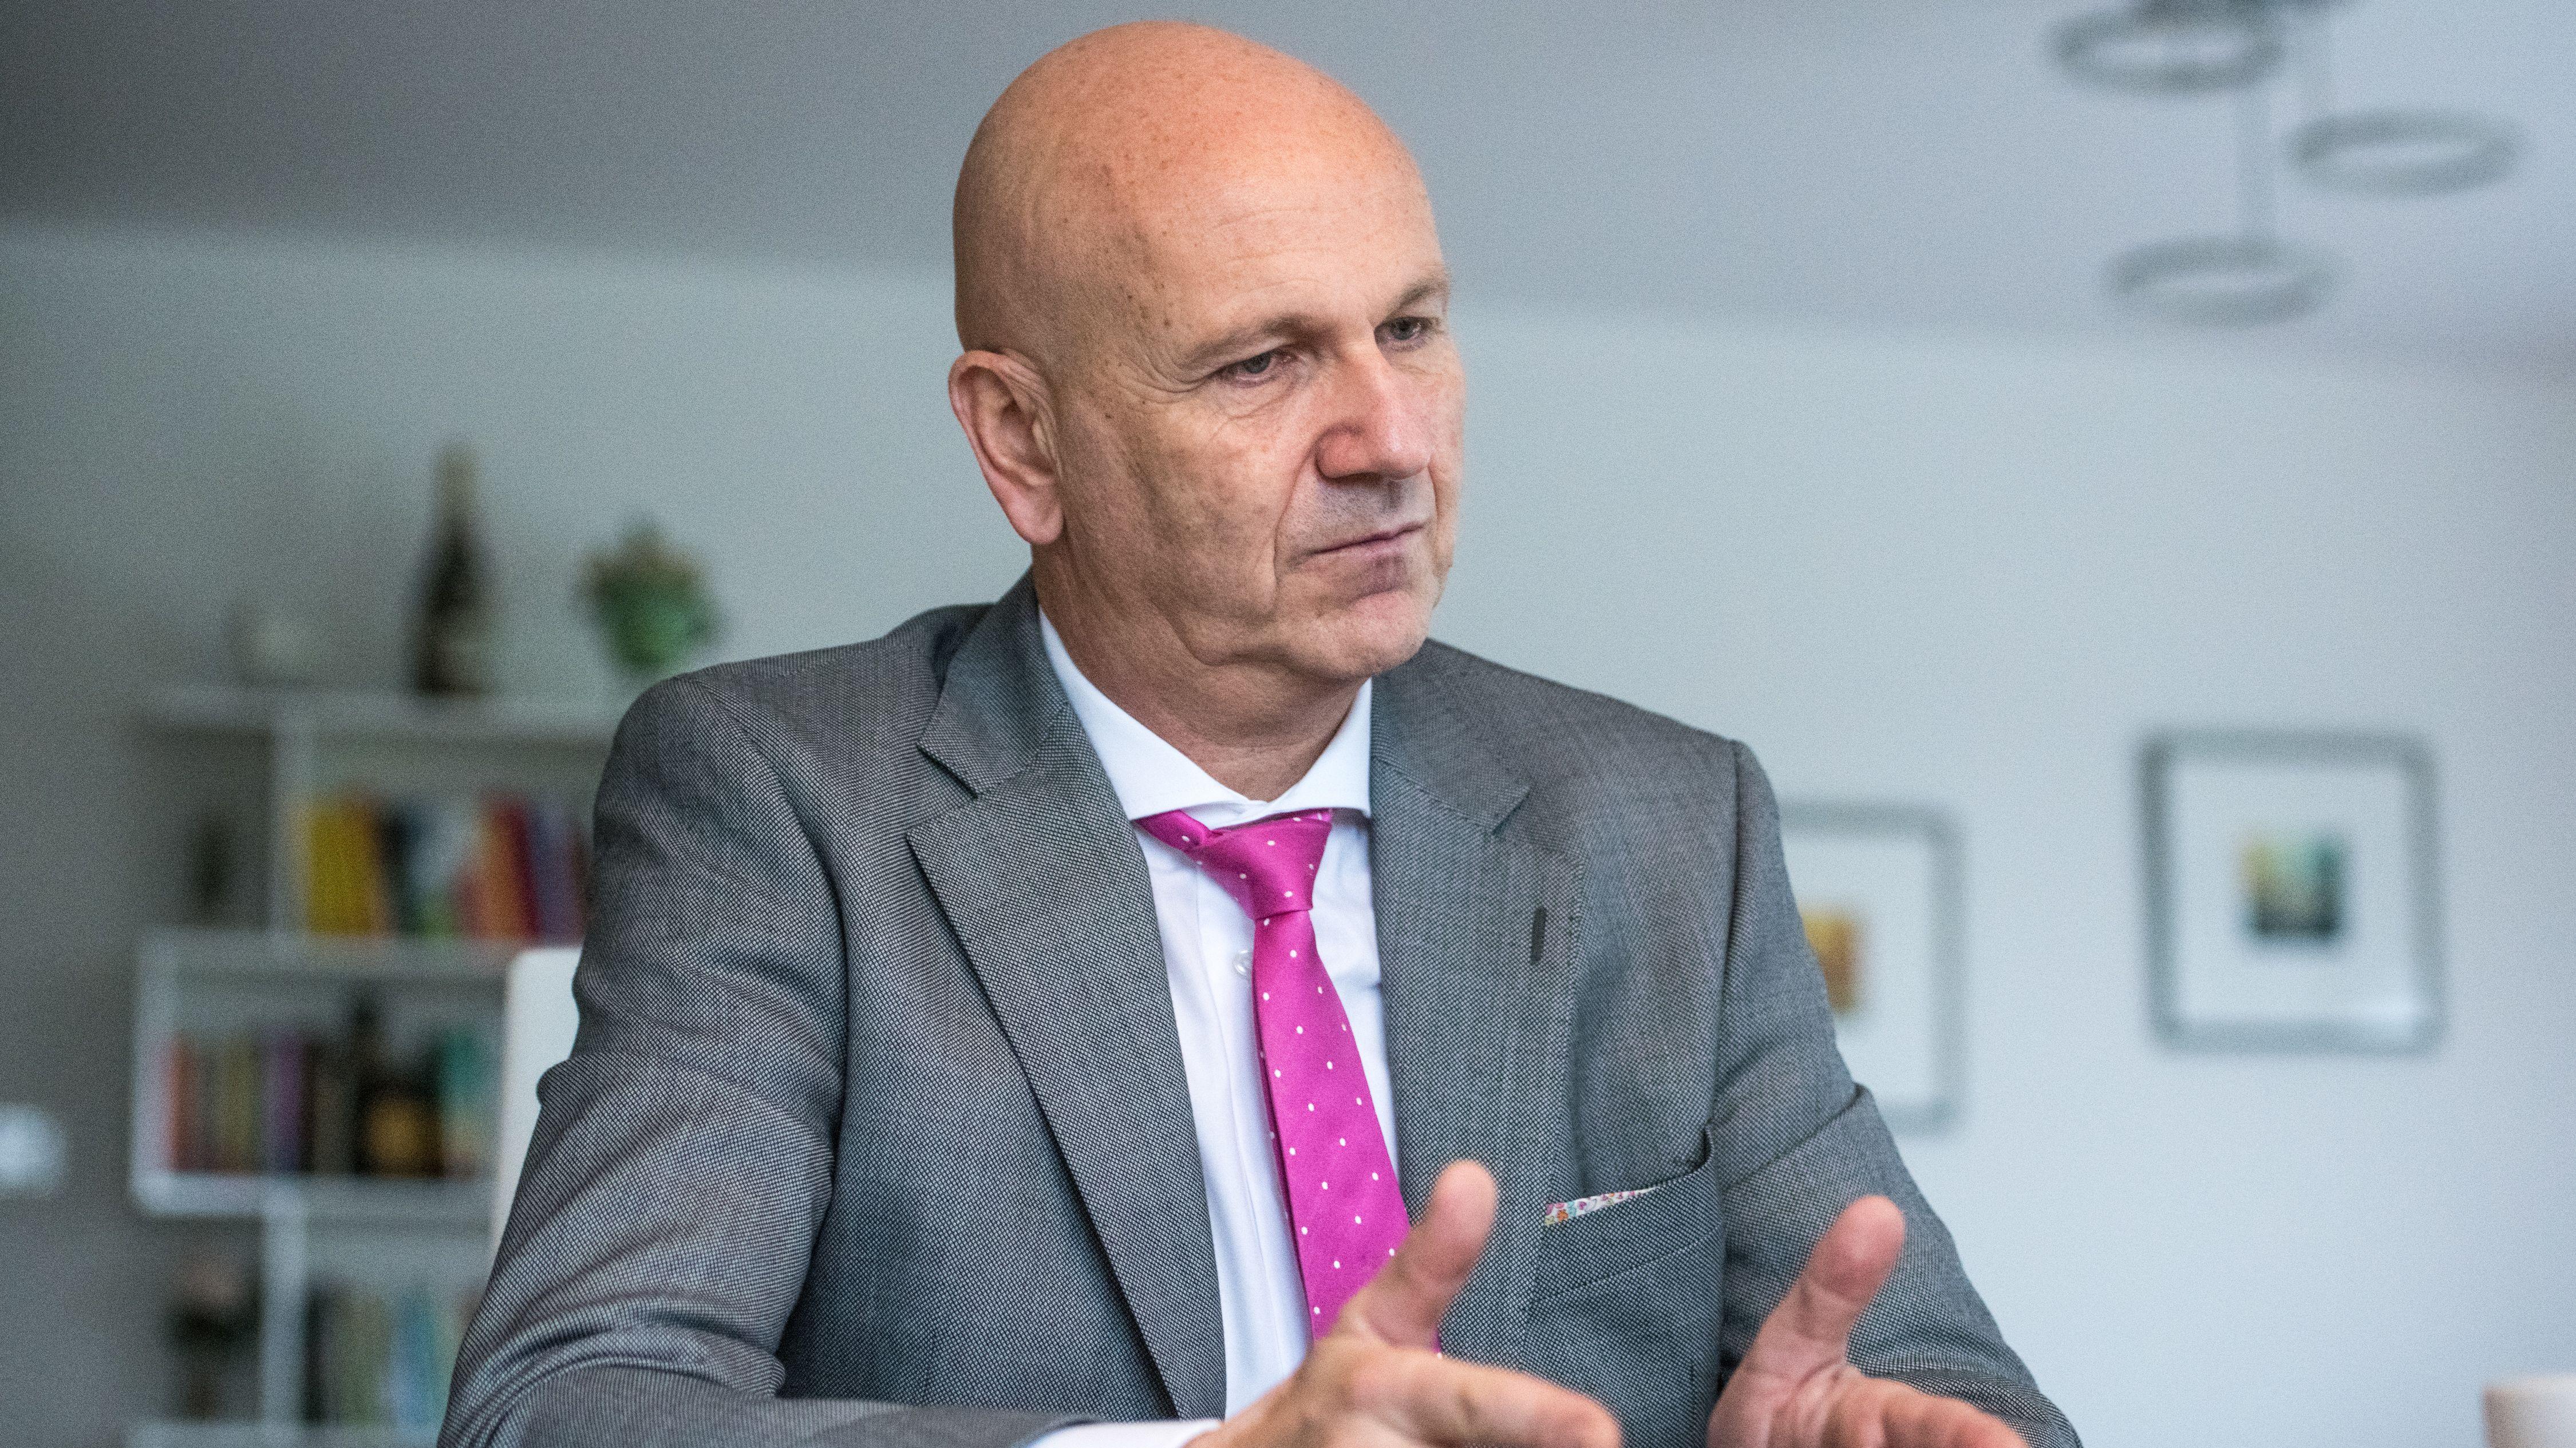 Uwe Brandl, der Präsident des Bayerischen Gemeindetages und Bürgermeister von Abensberg